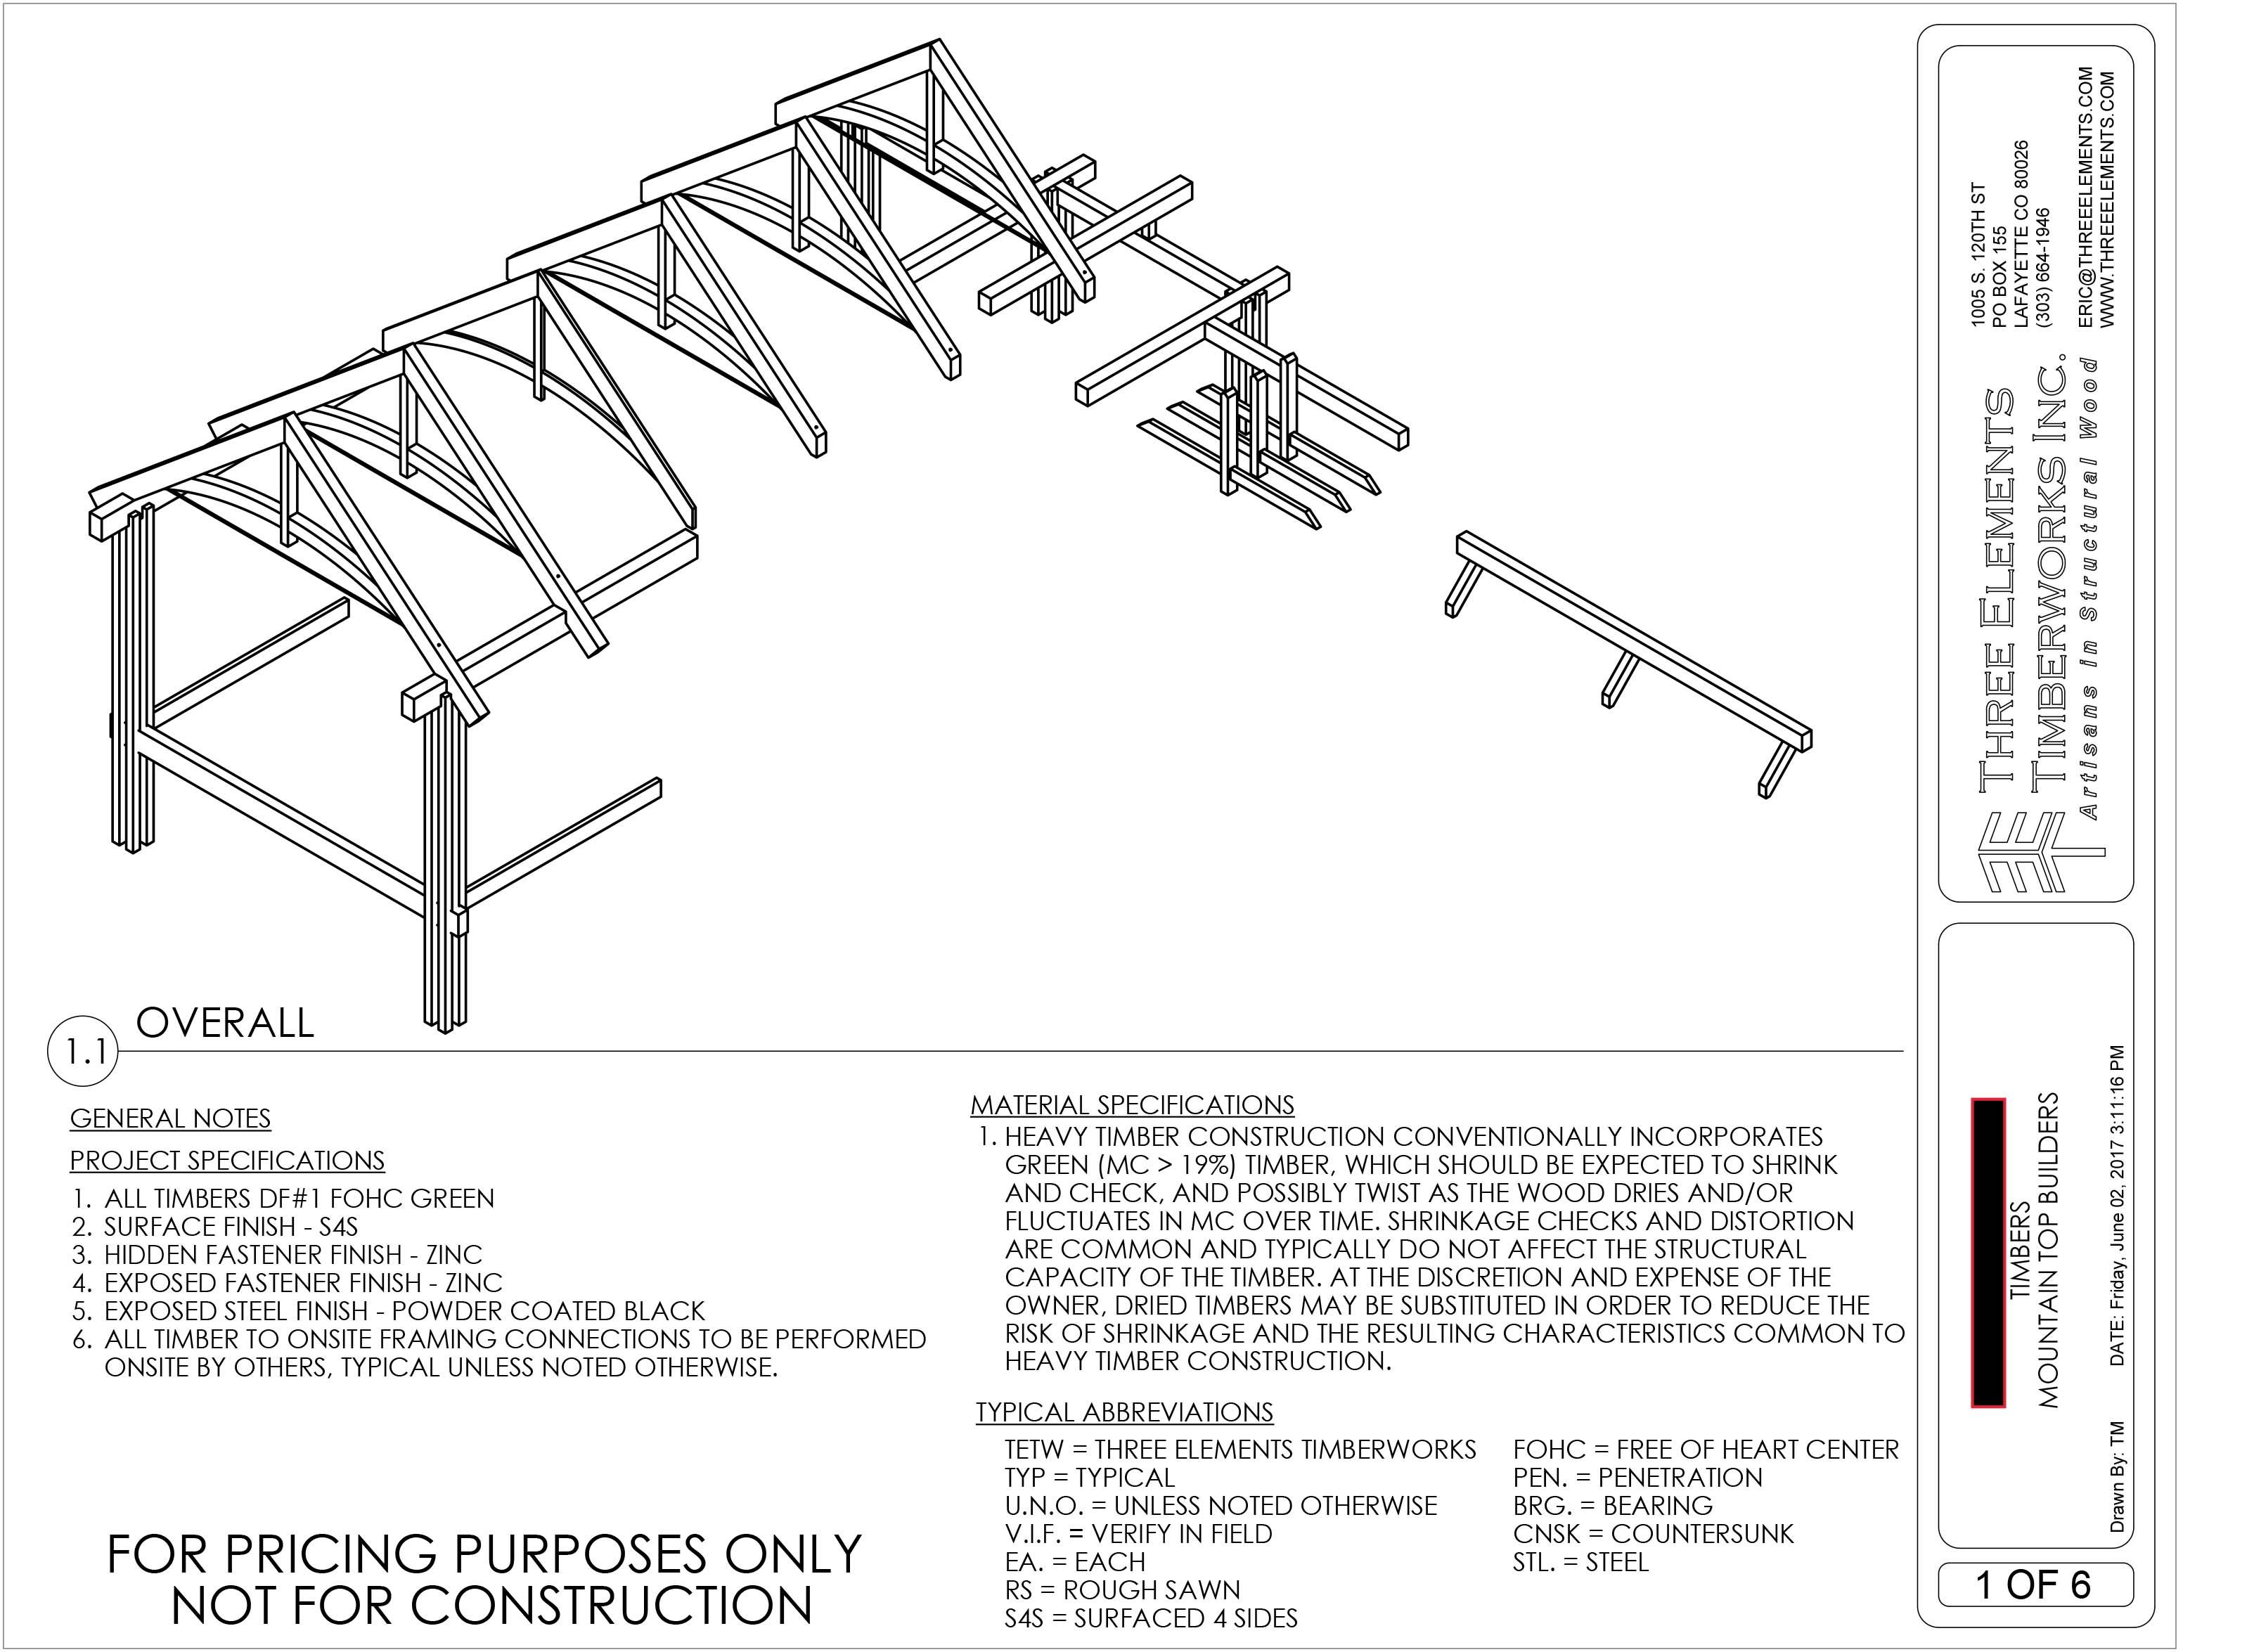 kitchenaid mixer wiring diagram onstar professional 600 parts html